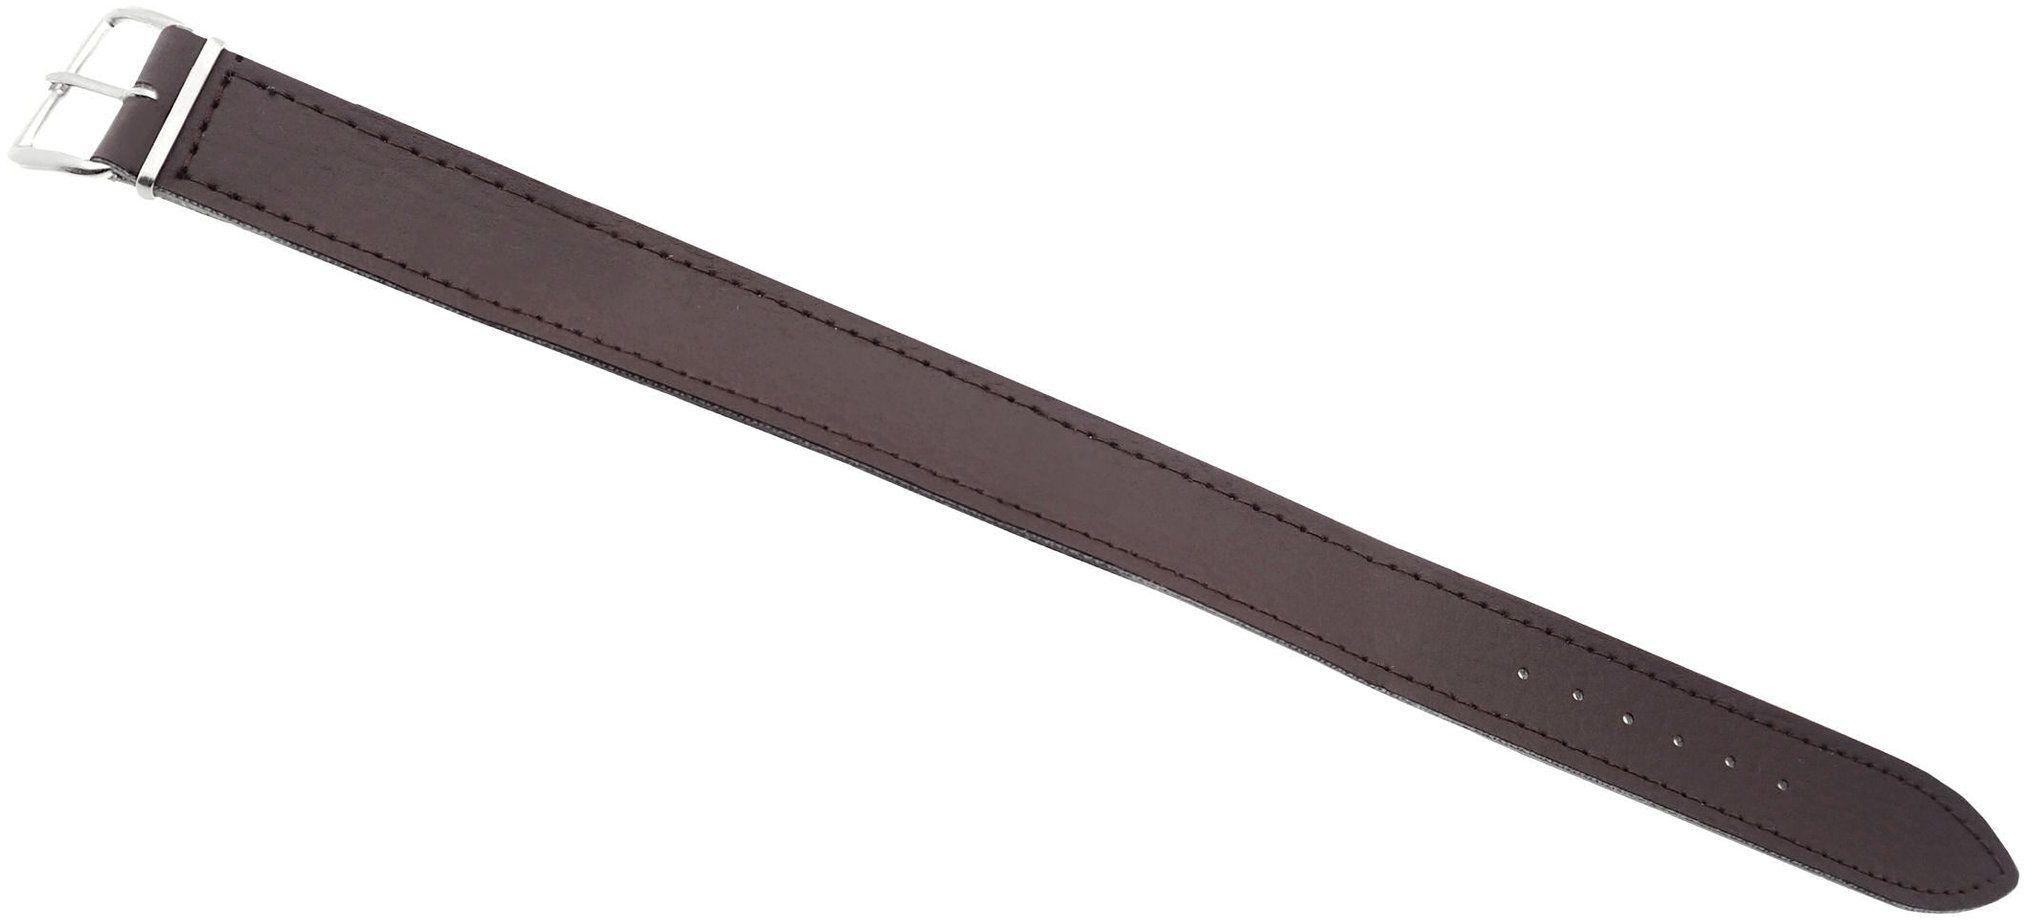 Skórzany pasek przeciągany do zegarka 14 mm brązowy